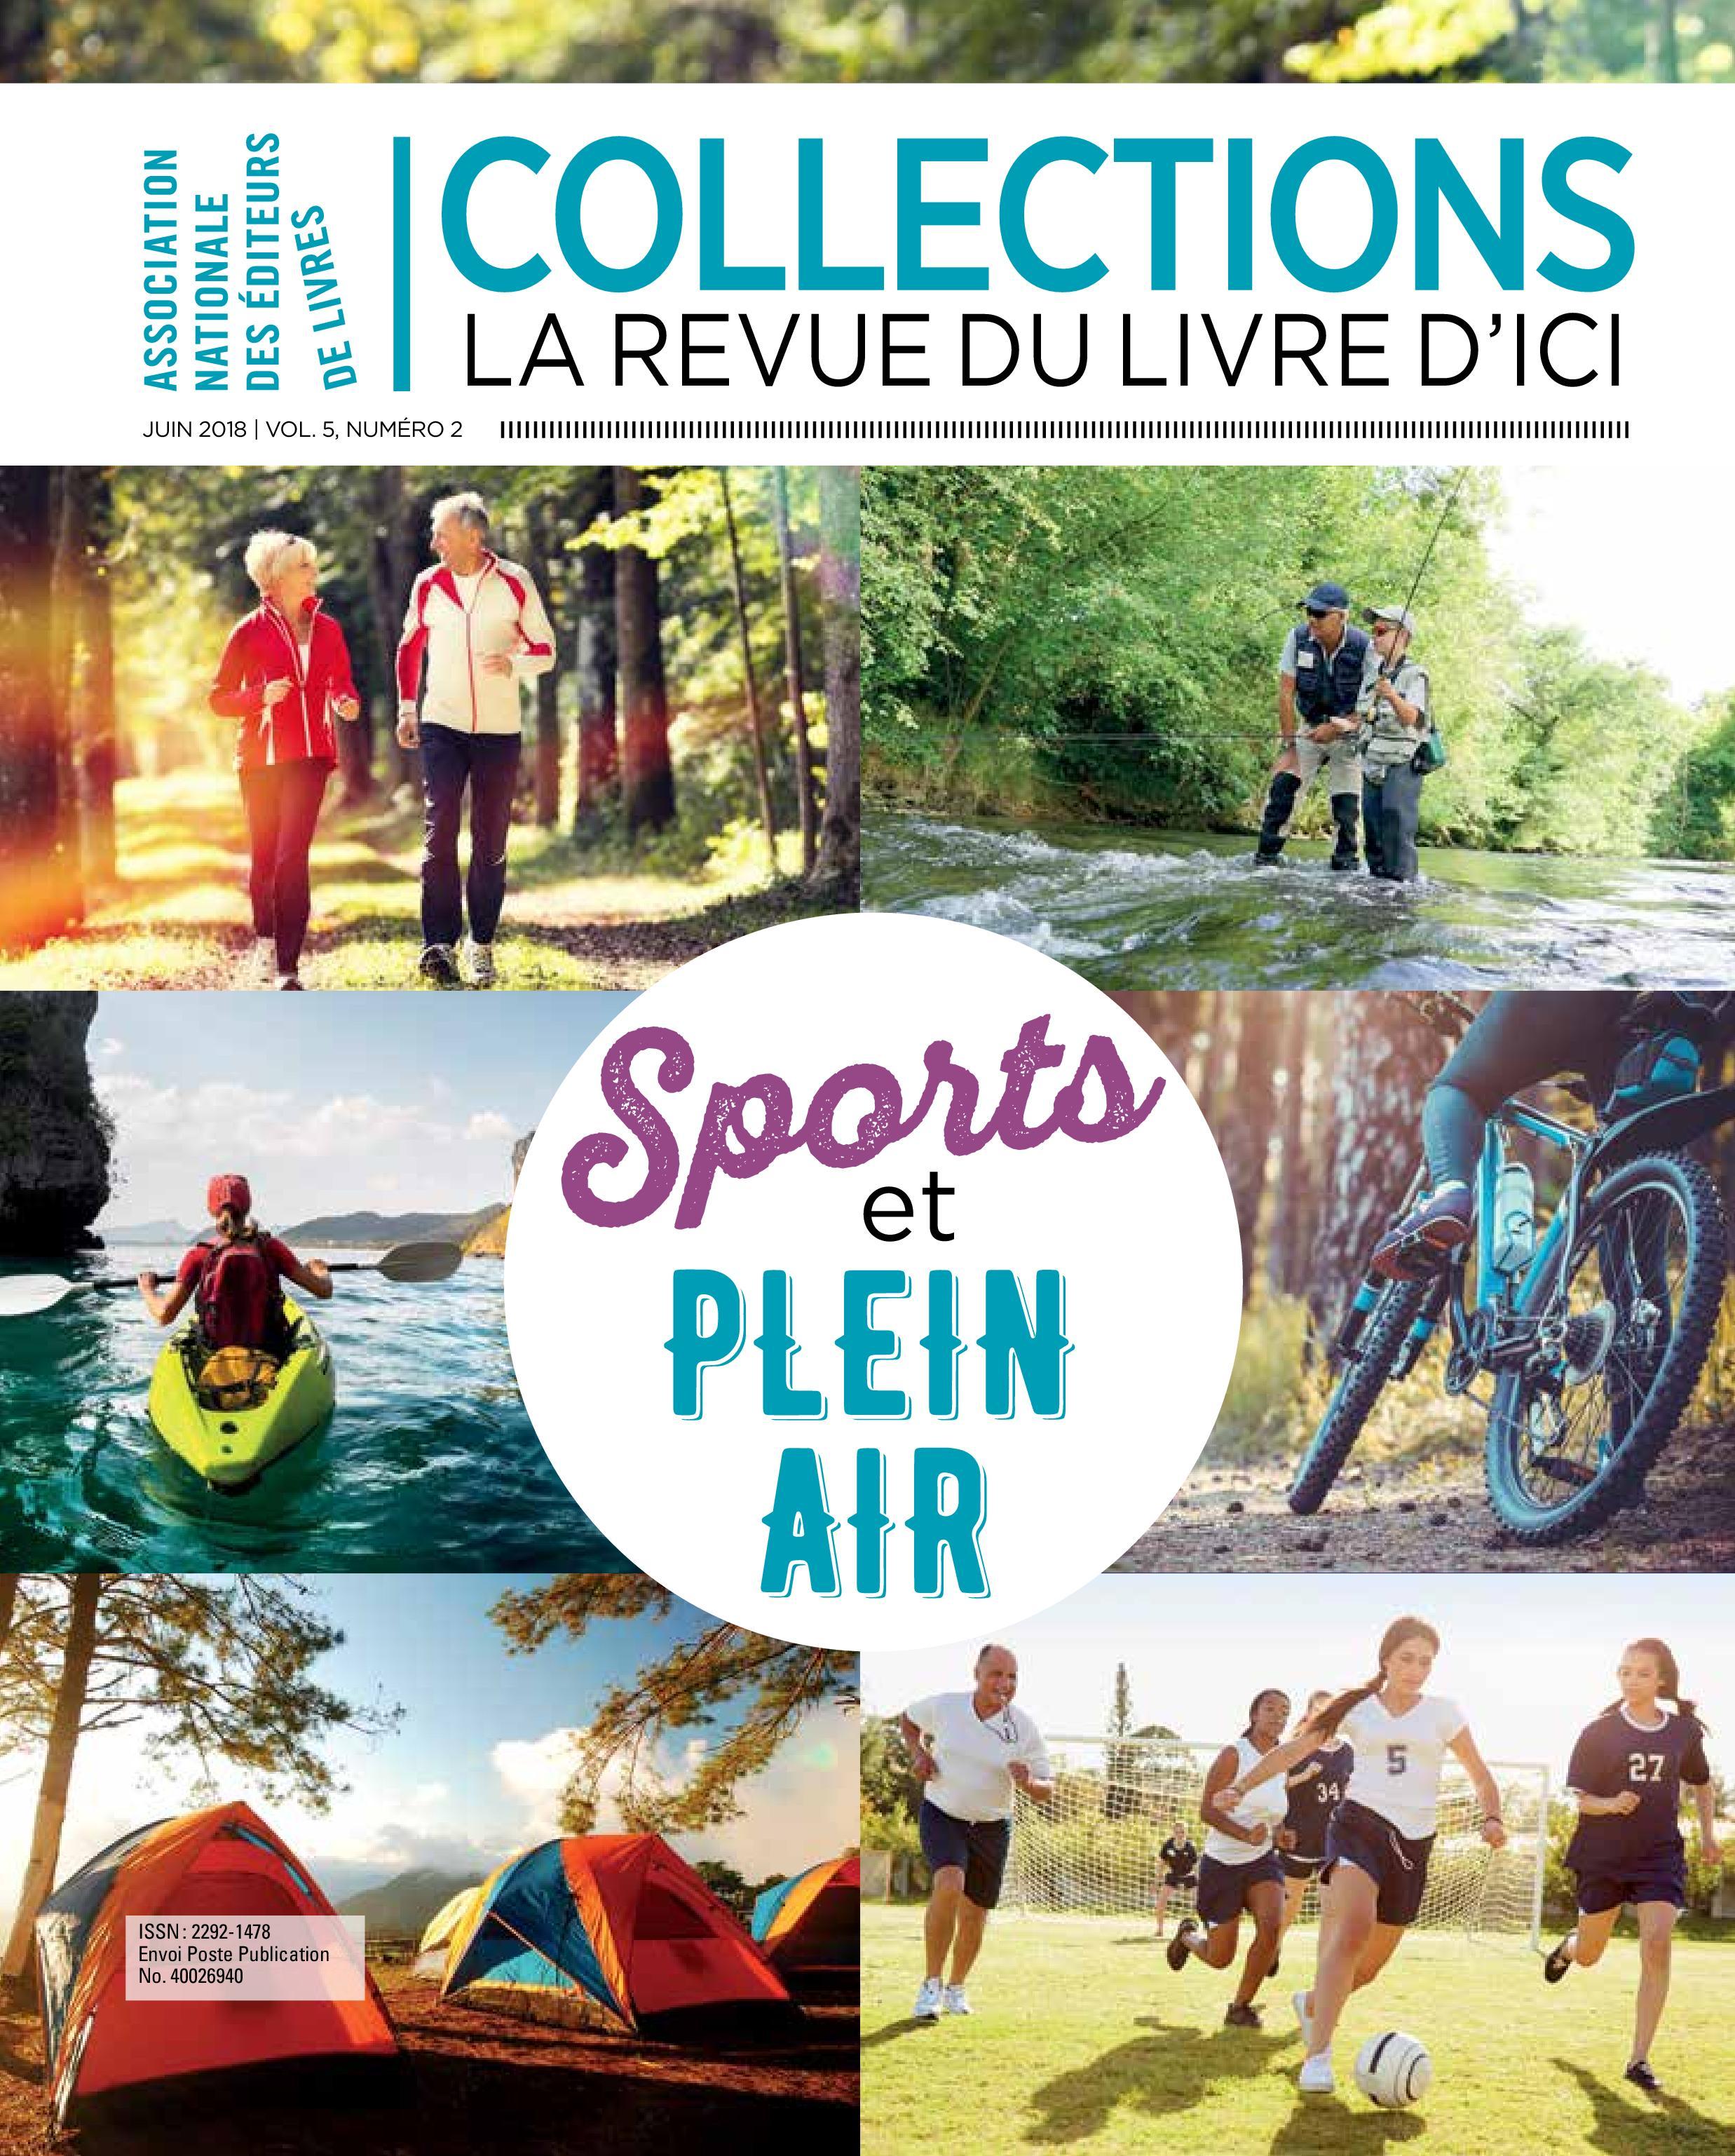 Collections, Vol 5, No 2, Sport et plein air